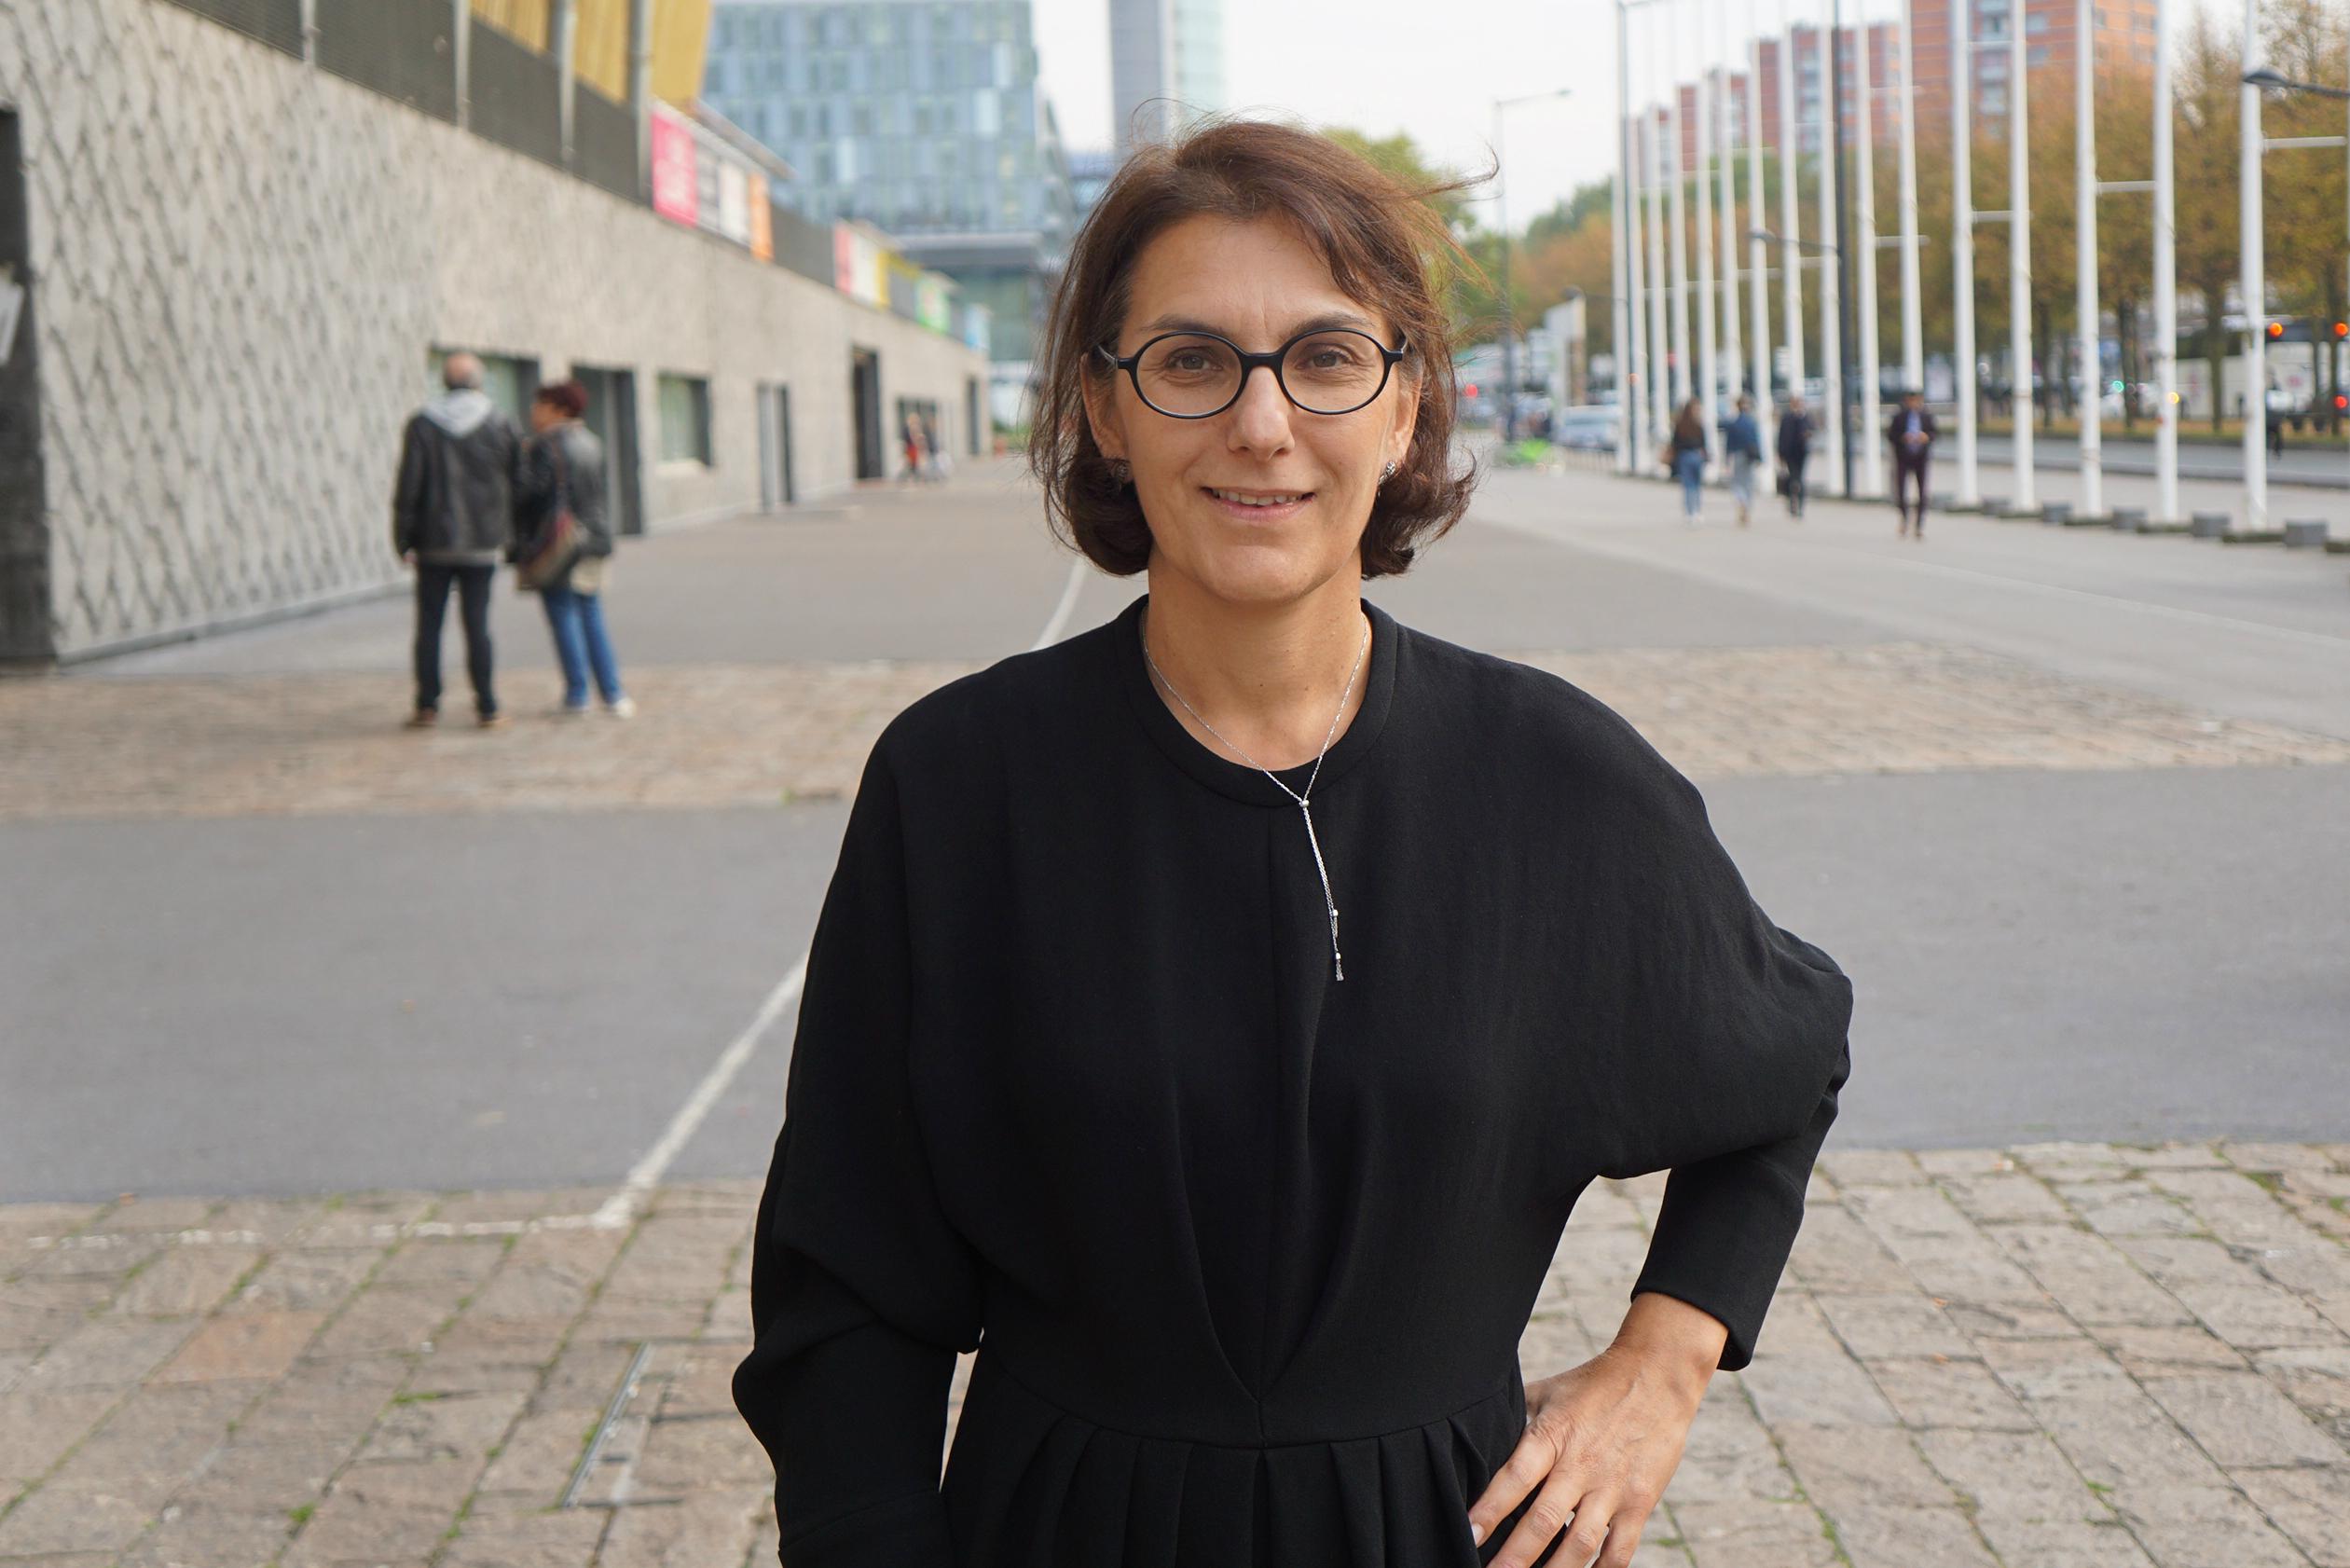 Nathalie Balla La Redoute Nous Recevons Plus De 300 Candidatures Spontanees Par Mois